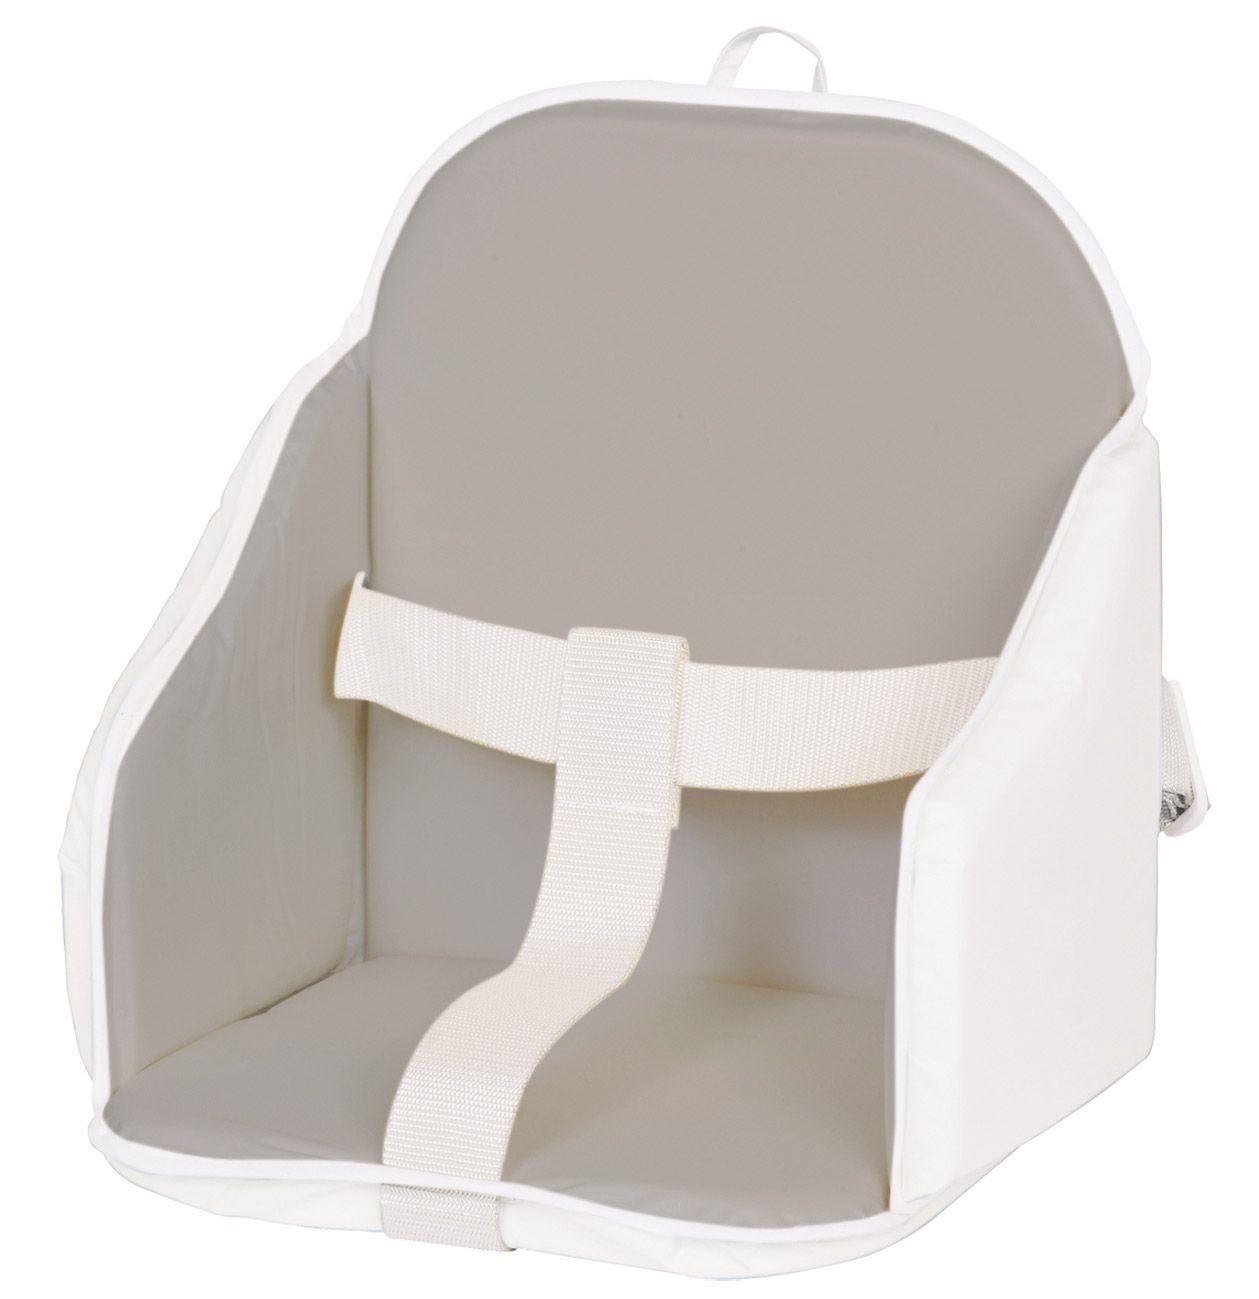 Resultat De Recherche D Images Pour Coussin Rehausseur Pvc Chaise Pvc Coussin Chaise Coussin Chaise Haute